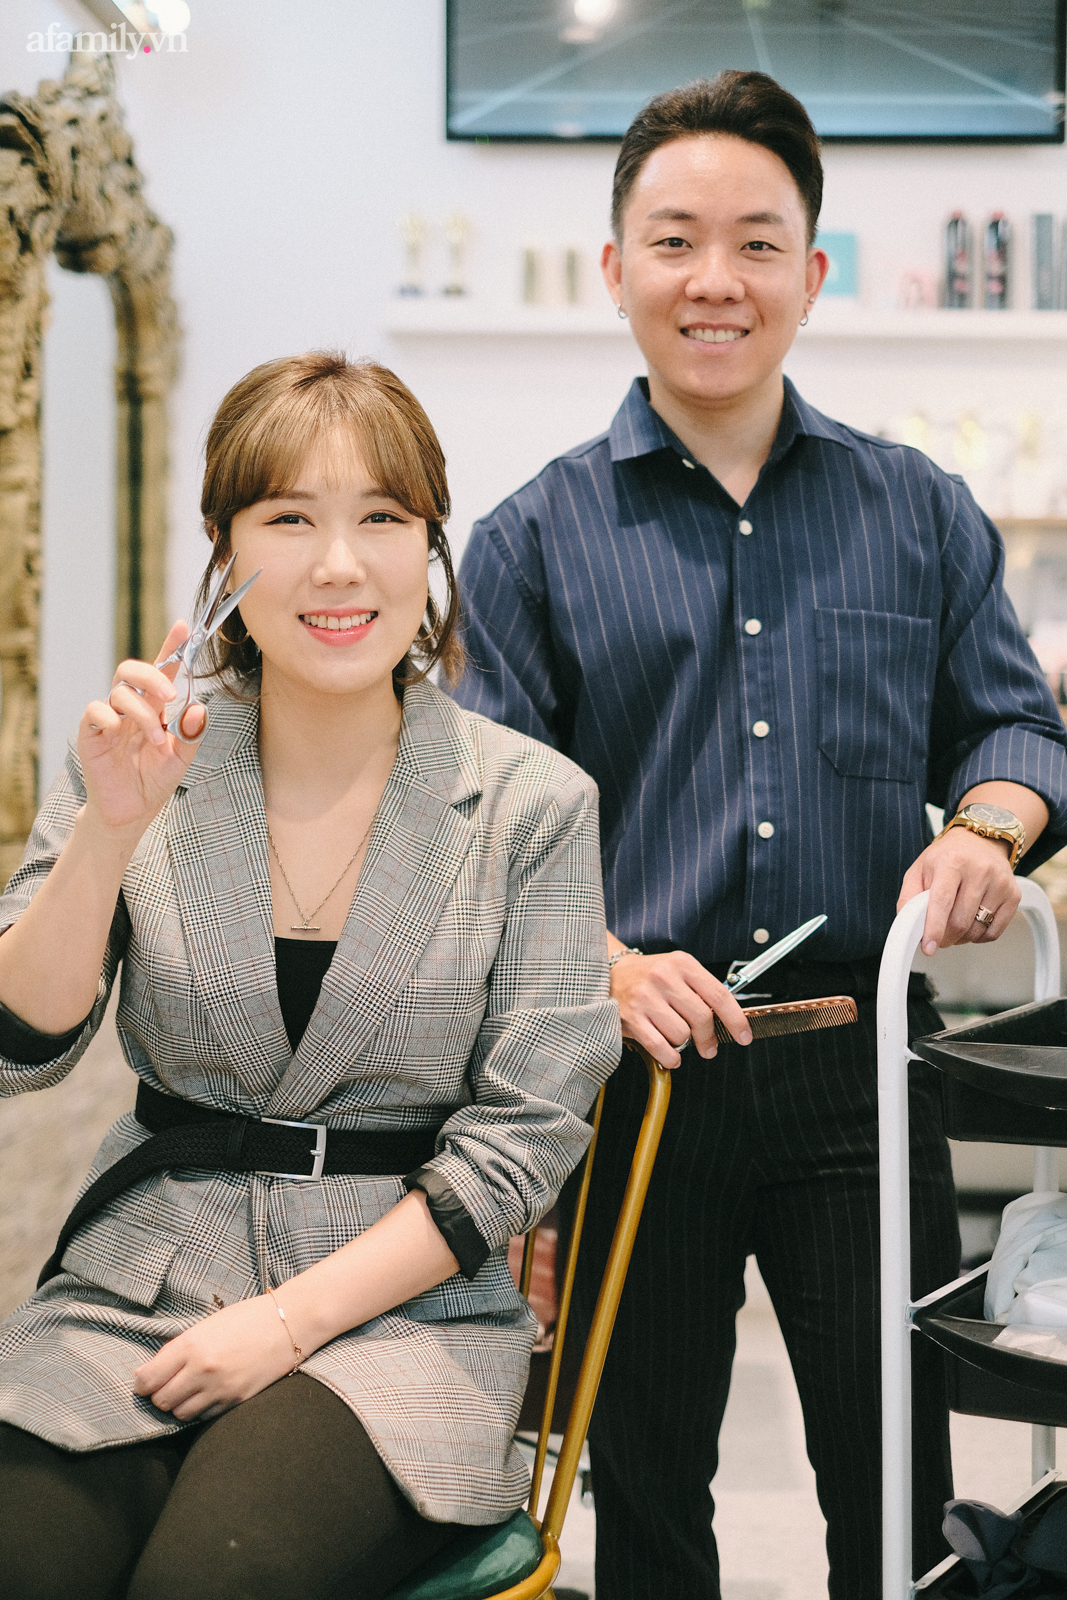 Tiệm làm tóc chuẩn Hàn giữa lòng Hà Nội: Tiết lộ luật bất thành văn khi làm tóc ở Hàn, chỉ ra sai lầm mà 90% khách Việt đều mắc phải - Ảnh 9.